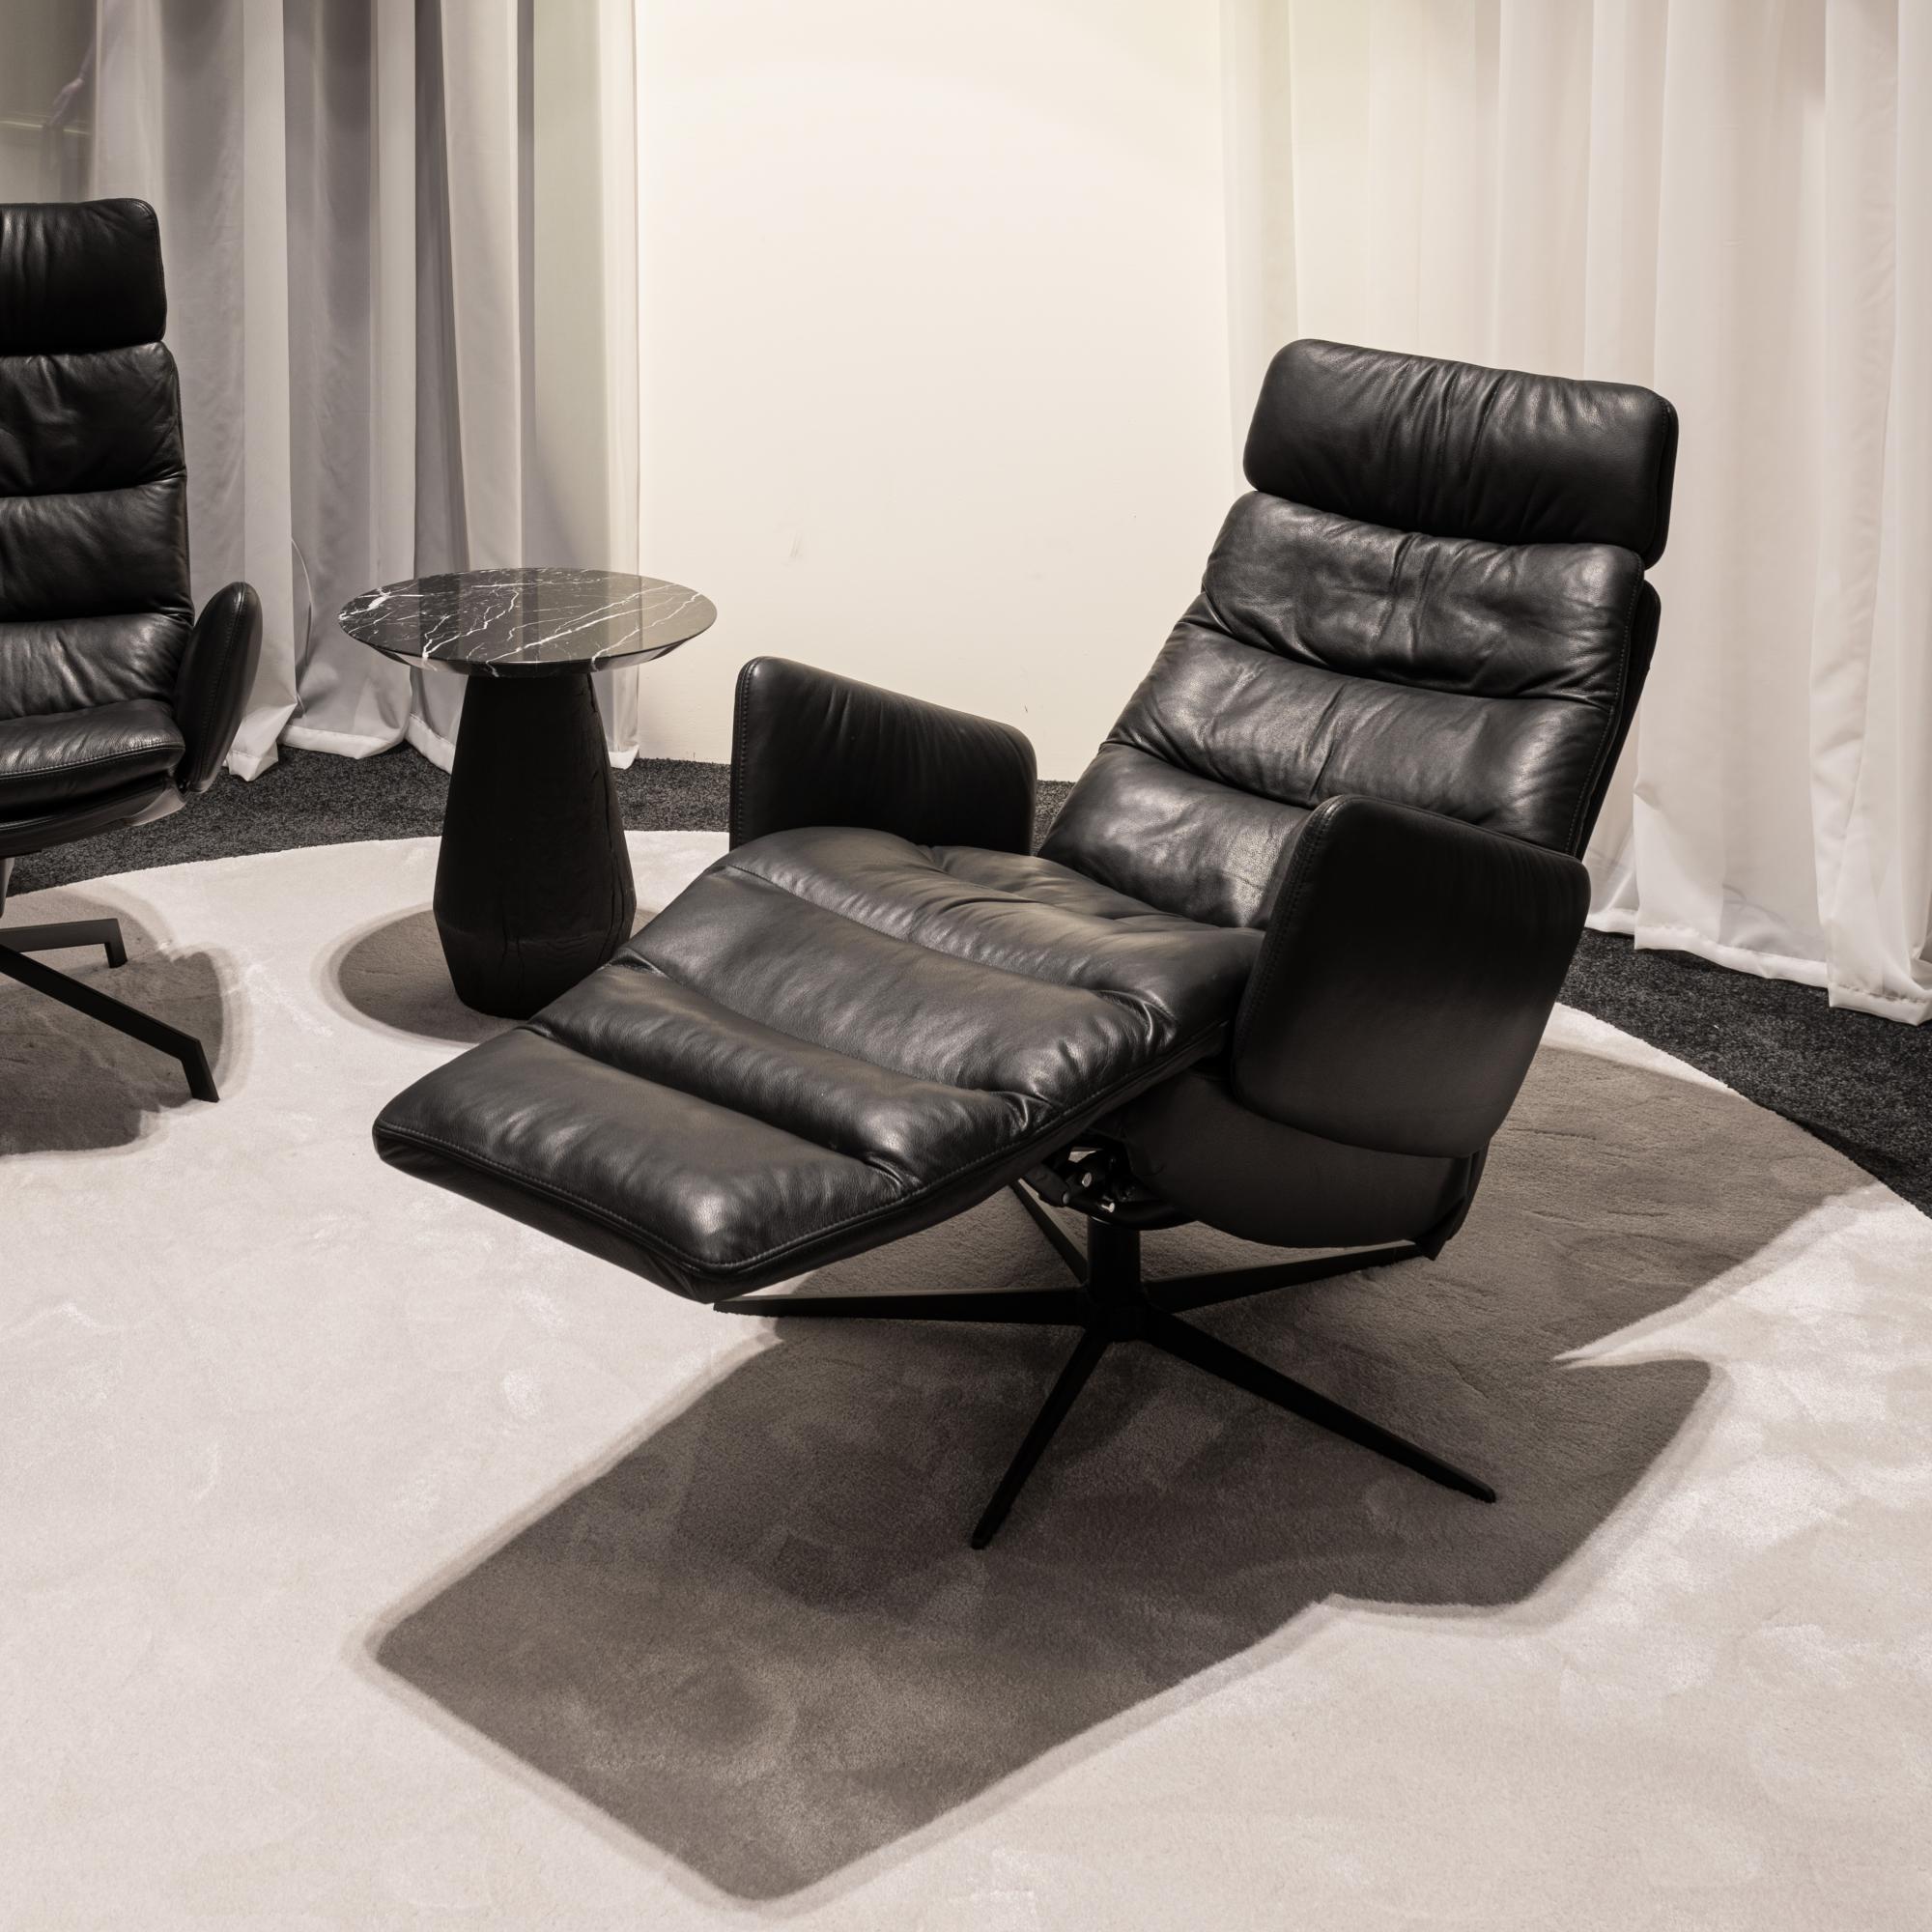 kff lounge sessel